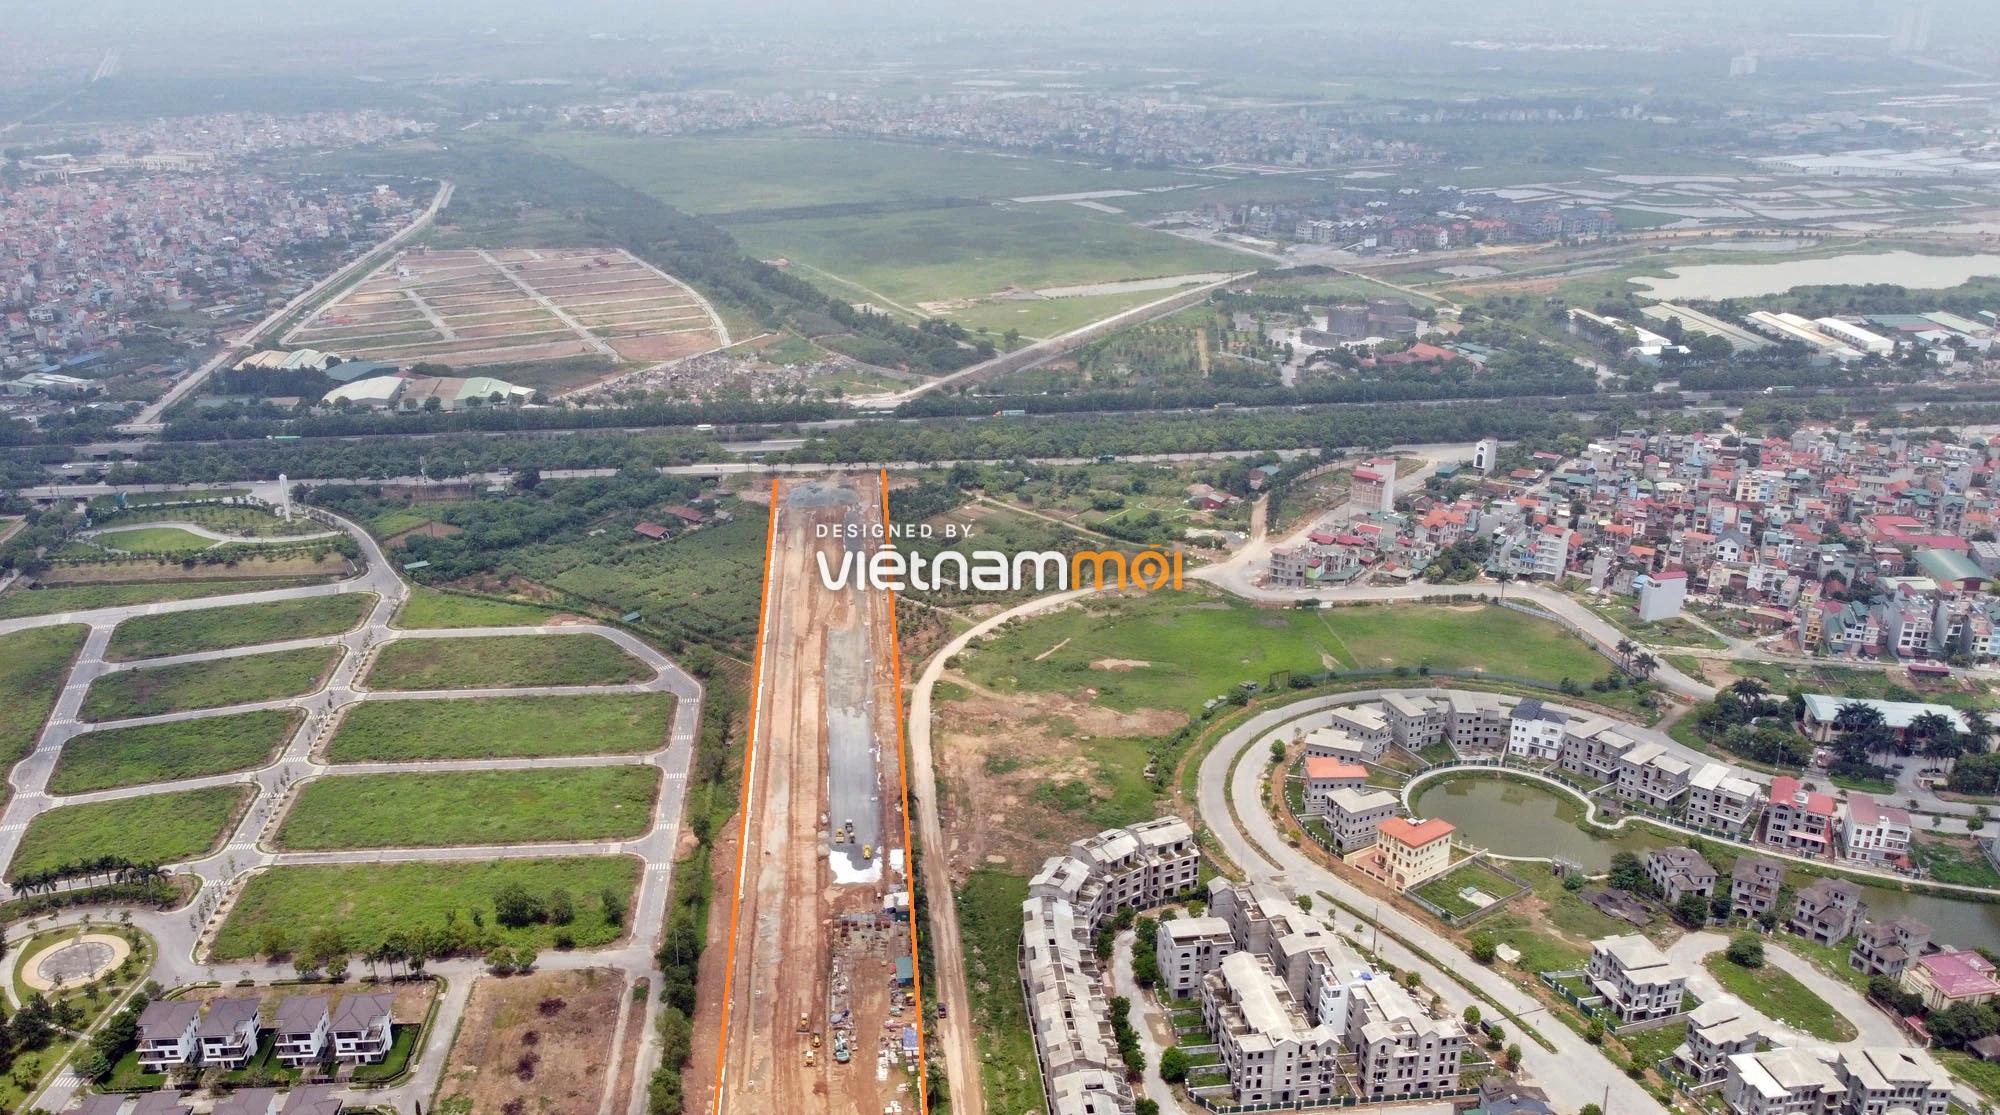 Toàn cảnh đường nối Đại lộ Thăng Long - tỉnh lộ 423 qua KĐT Nam An Khánh đang mở theo quy hoạch ở Hà Nội - Ảnh 9.